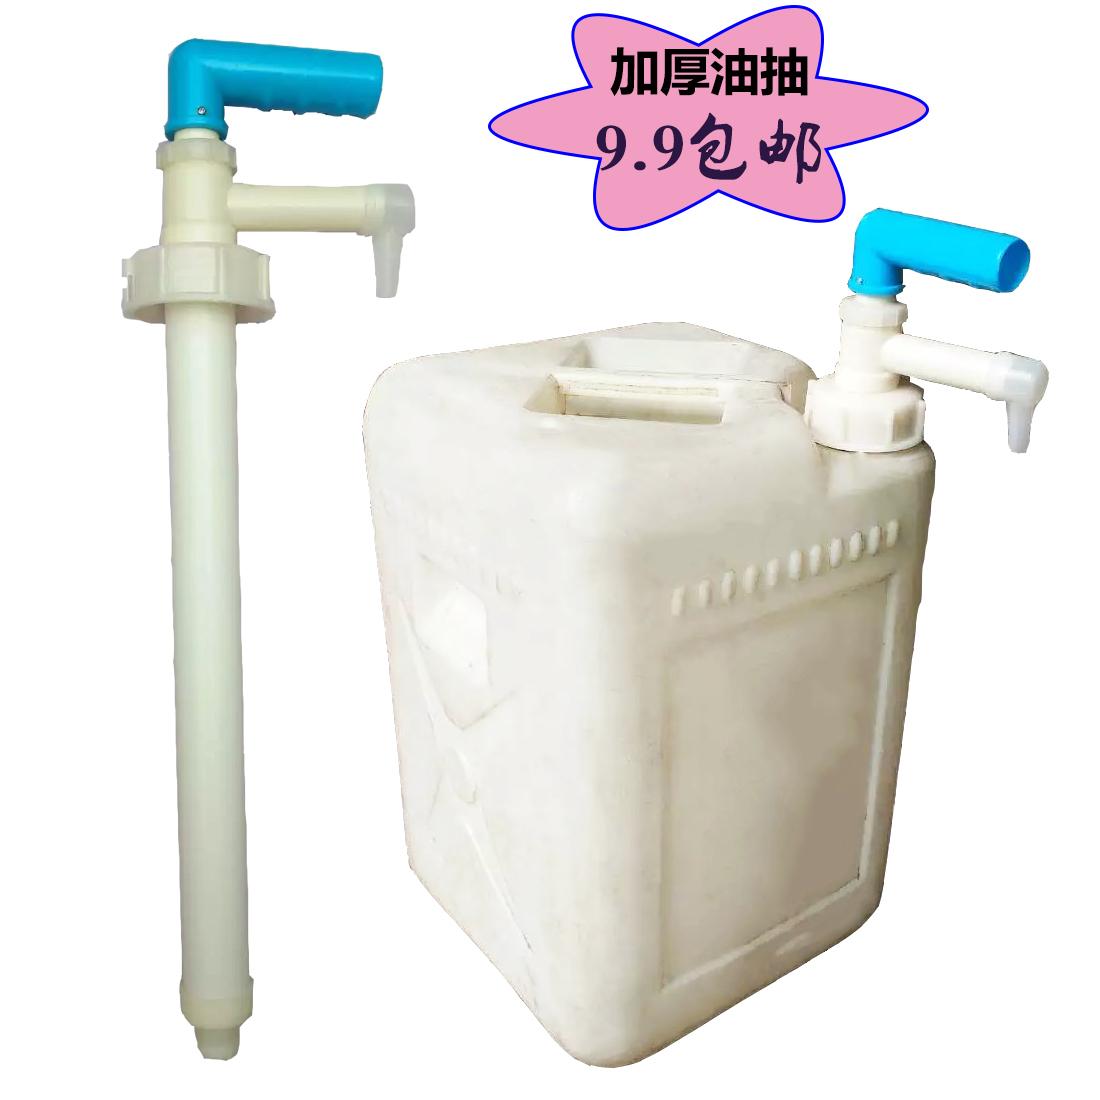 La bomba de aceite de la bomba de presión manual haustorio bidones de plástico de mano de presión